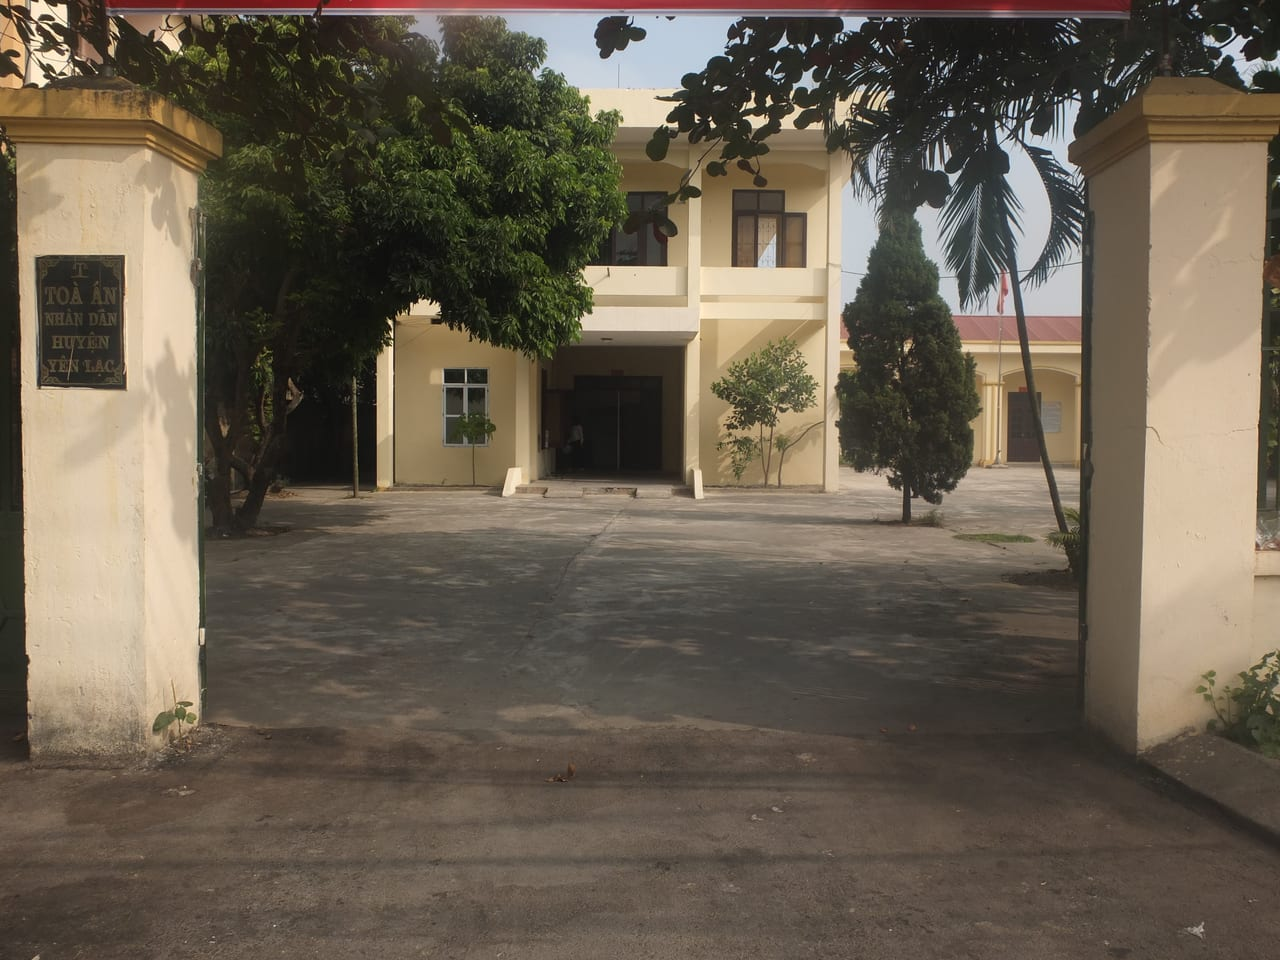 Địa chỉ tòa án nhân dân huyện Yên Lạc